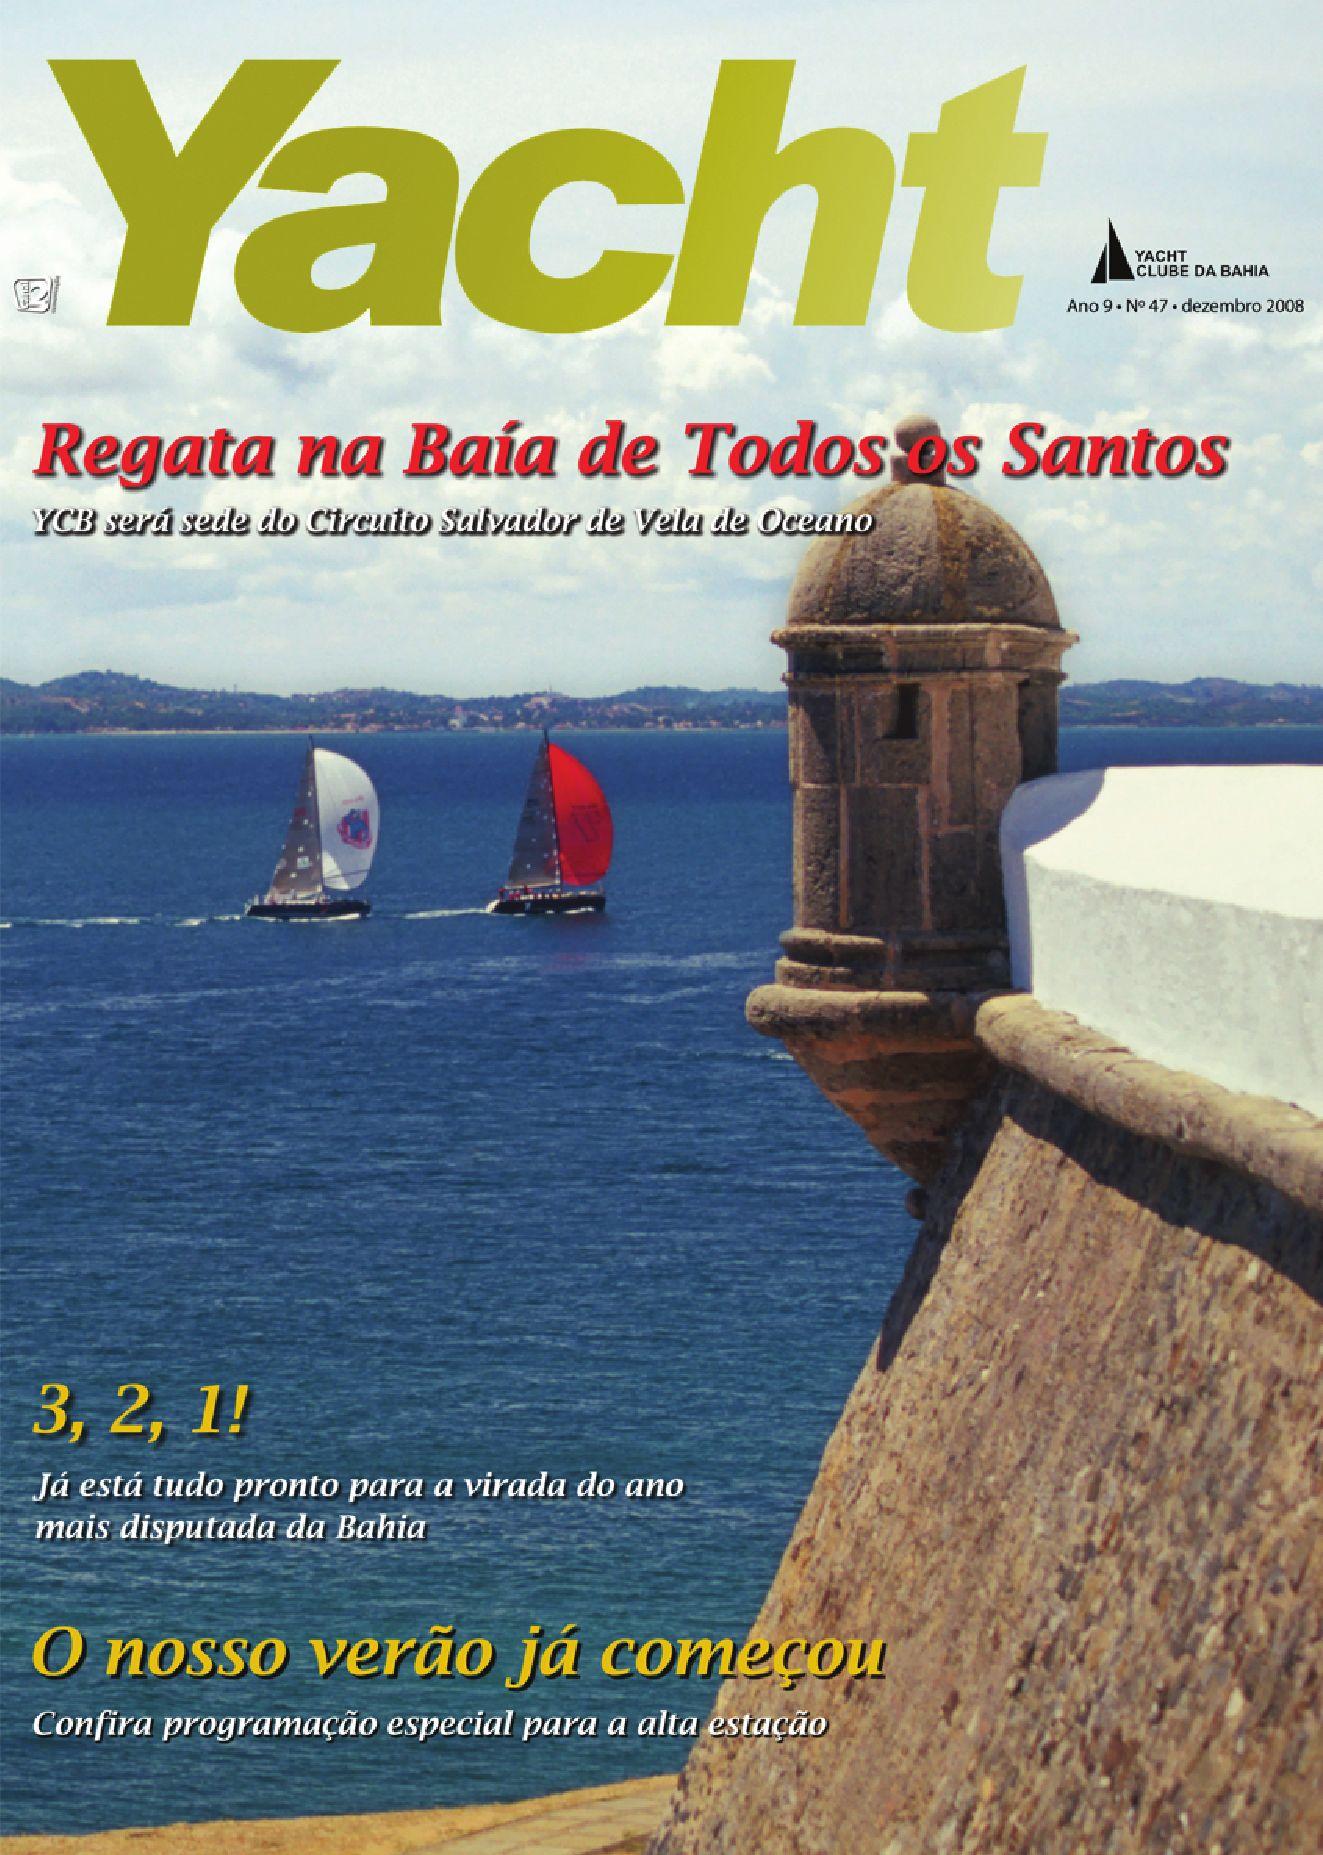 Revista Yacht 47 by Canal 2 Comunicação - issuu ada51a0fd71